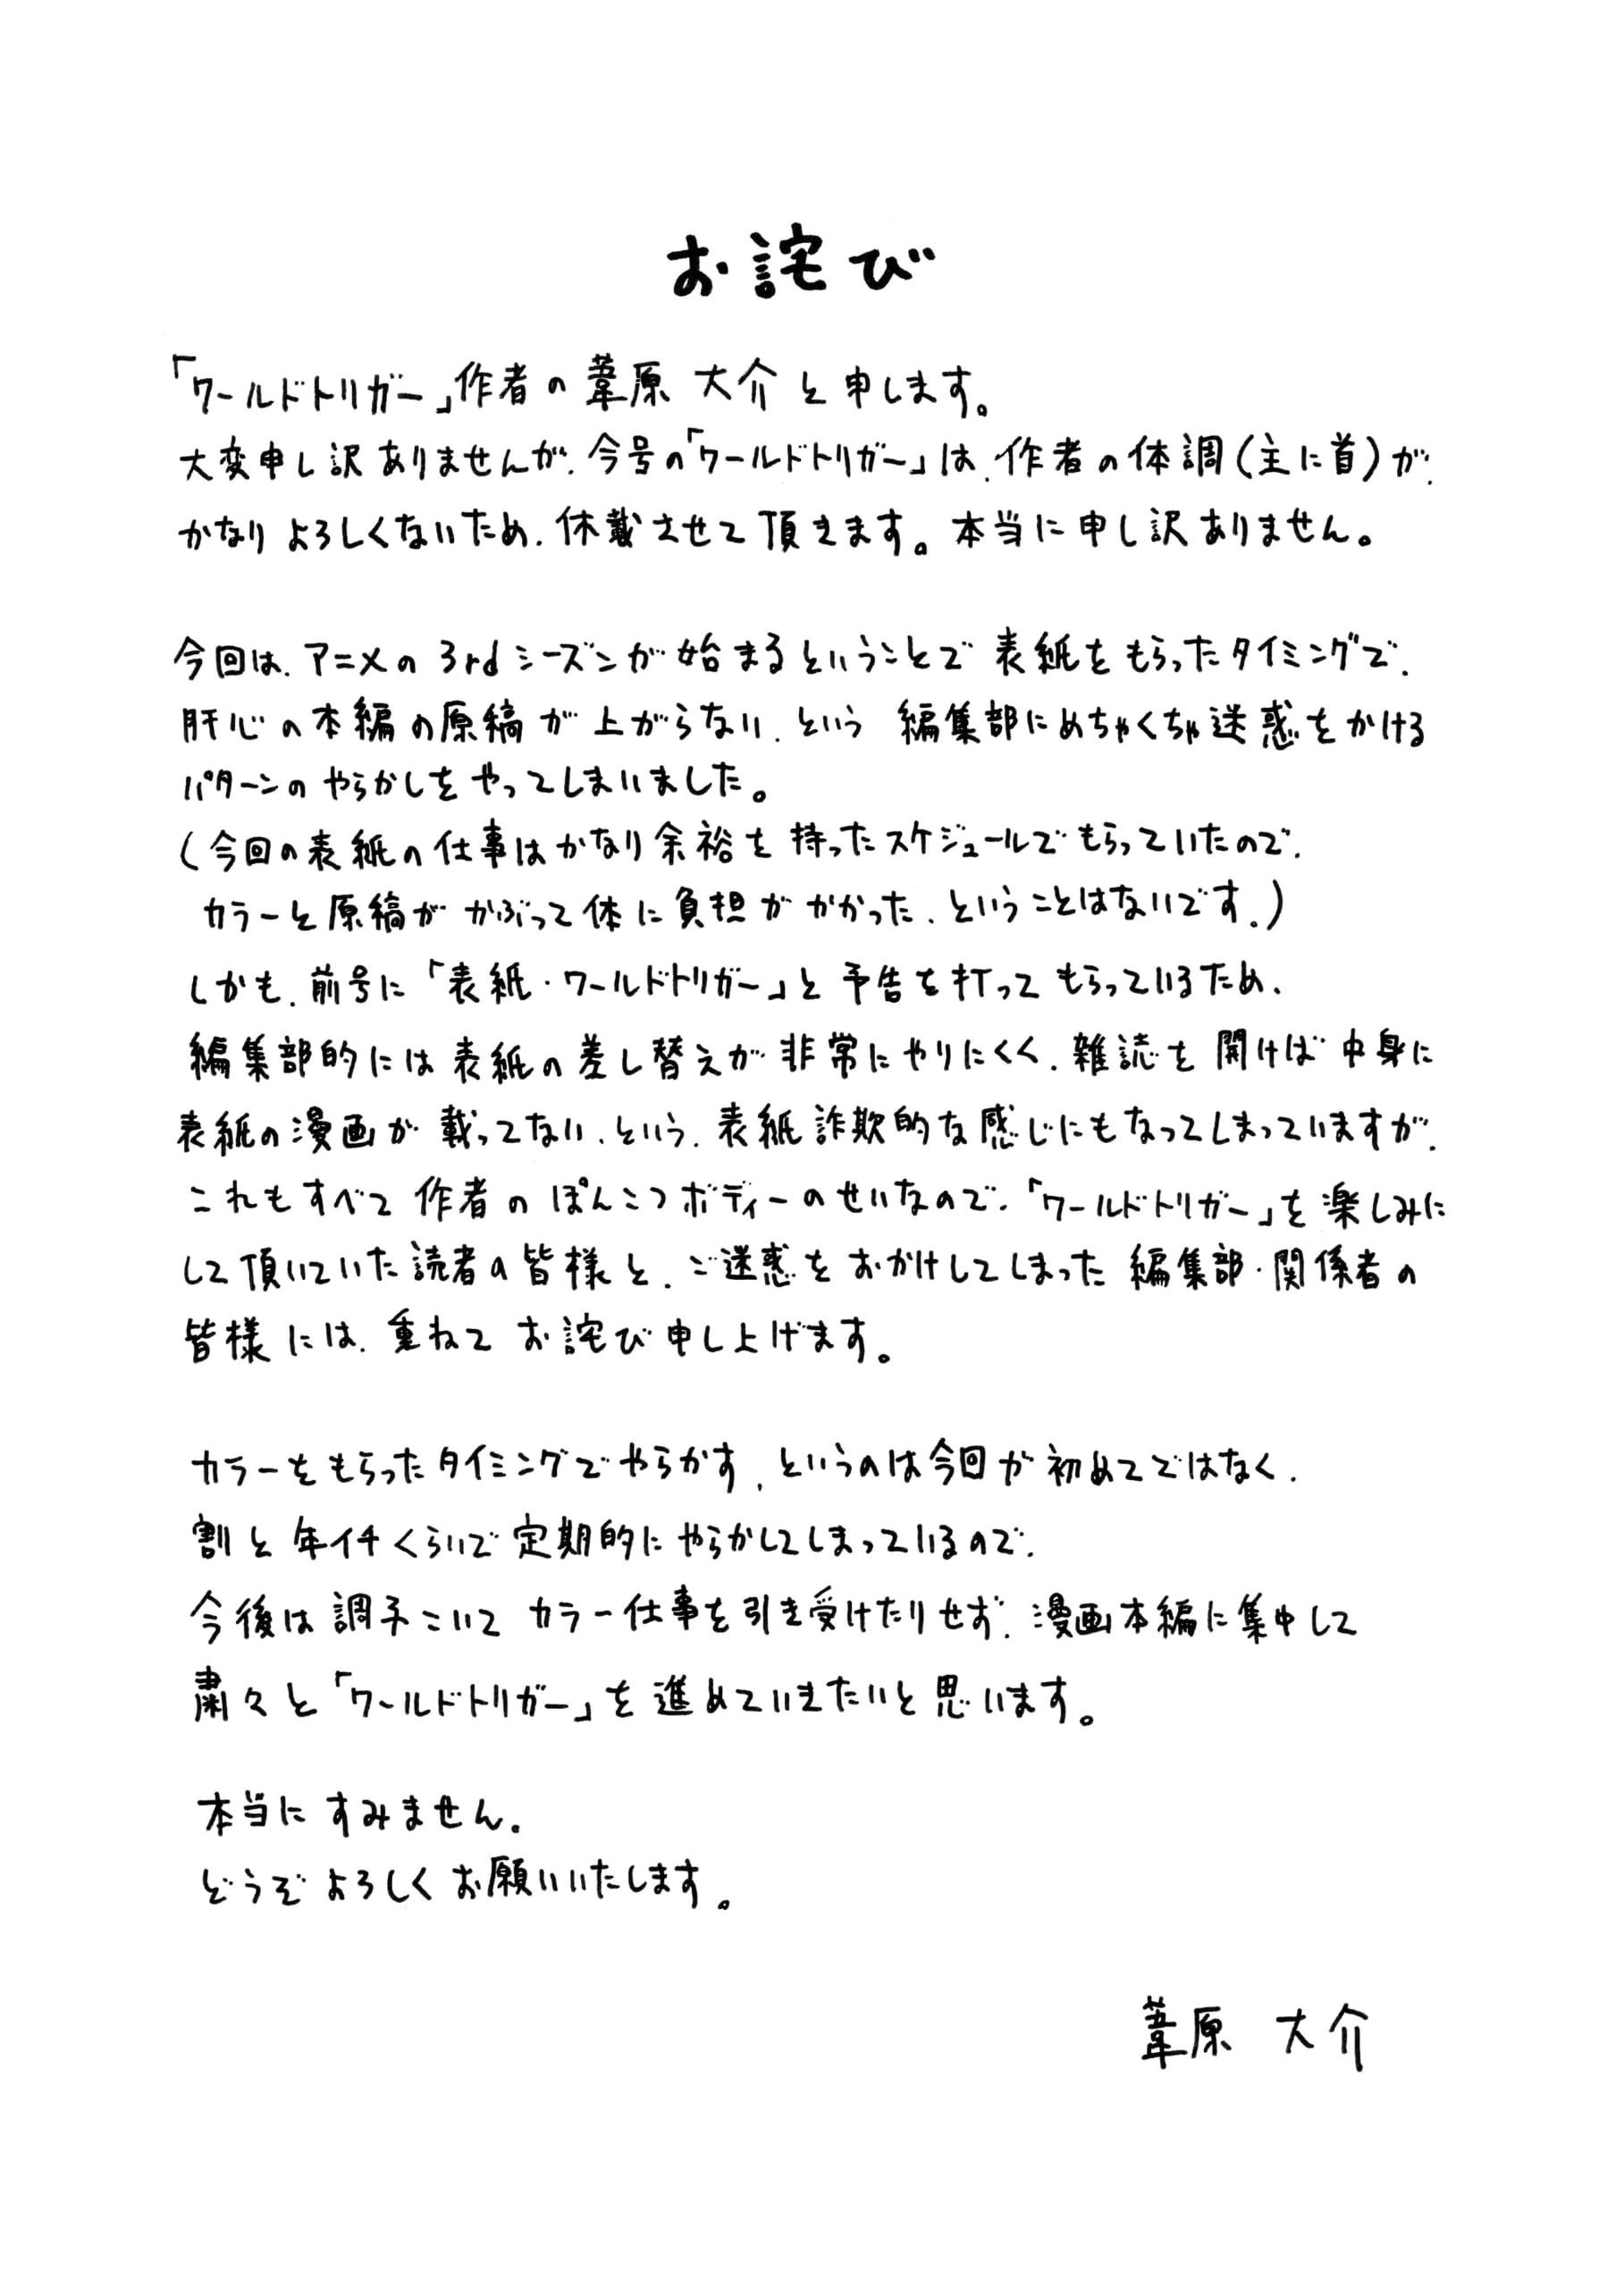 「ワールドトリガー」作者・葦原大介先生コメント